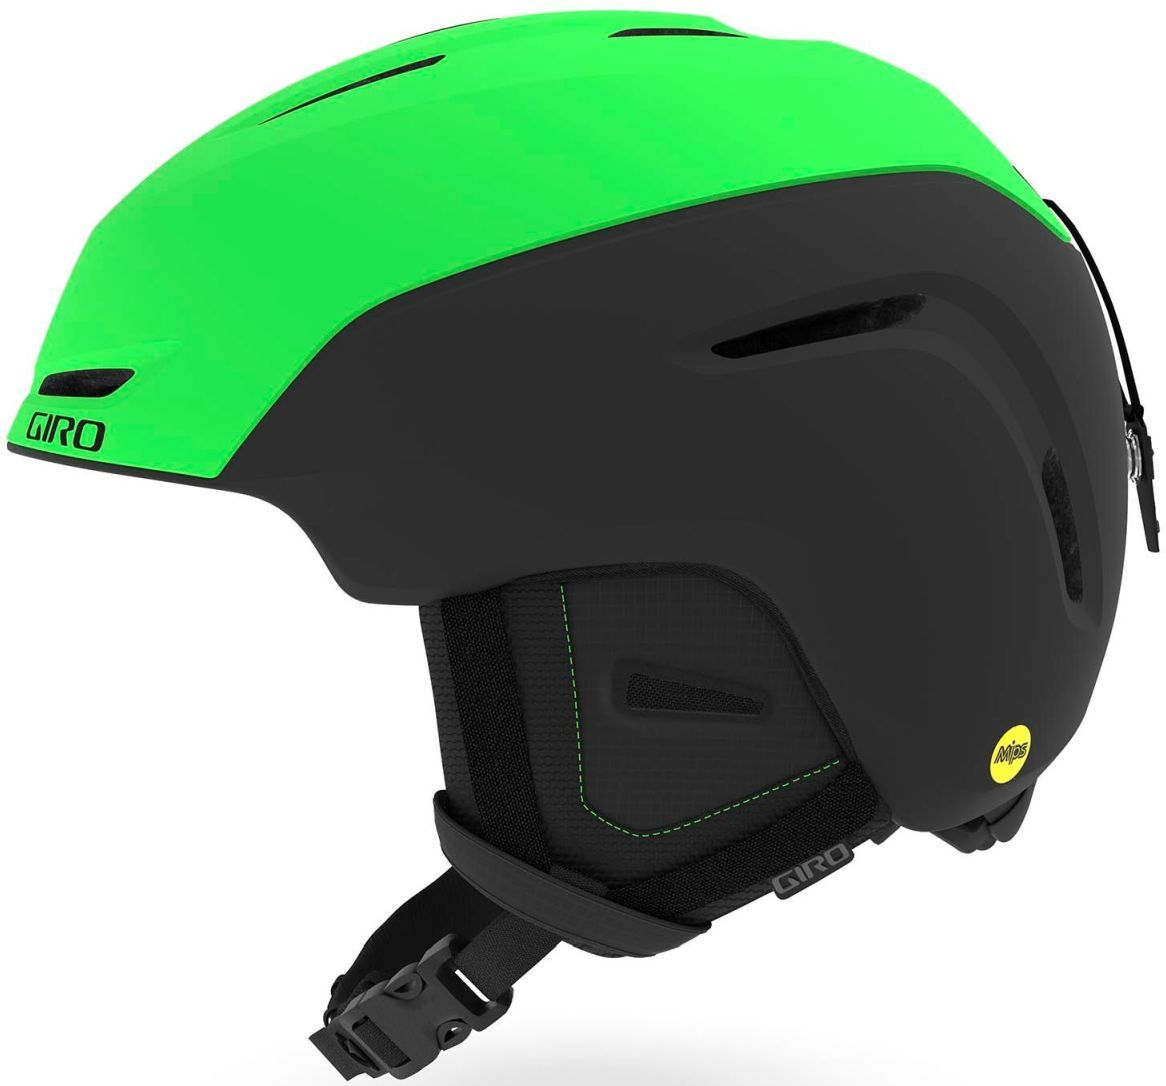 Giro Neo MIPS Mat - Bright Green/Black M-(55.5-59)